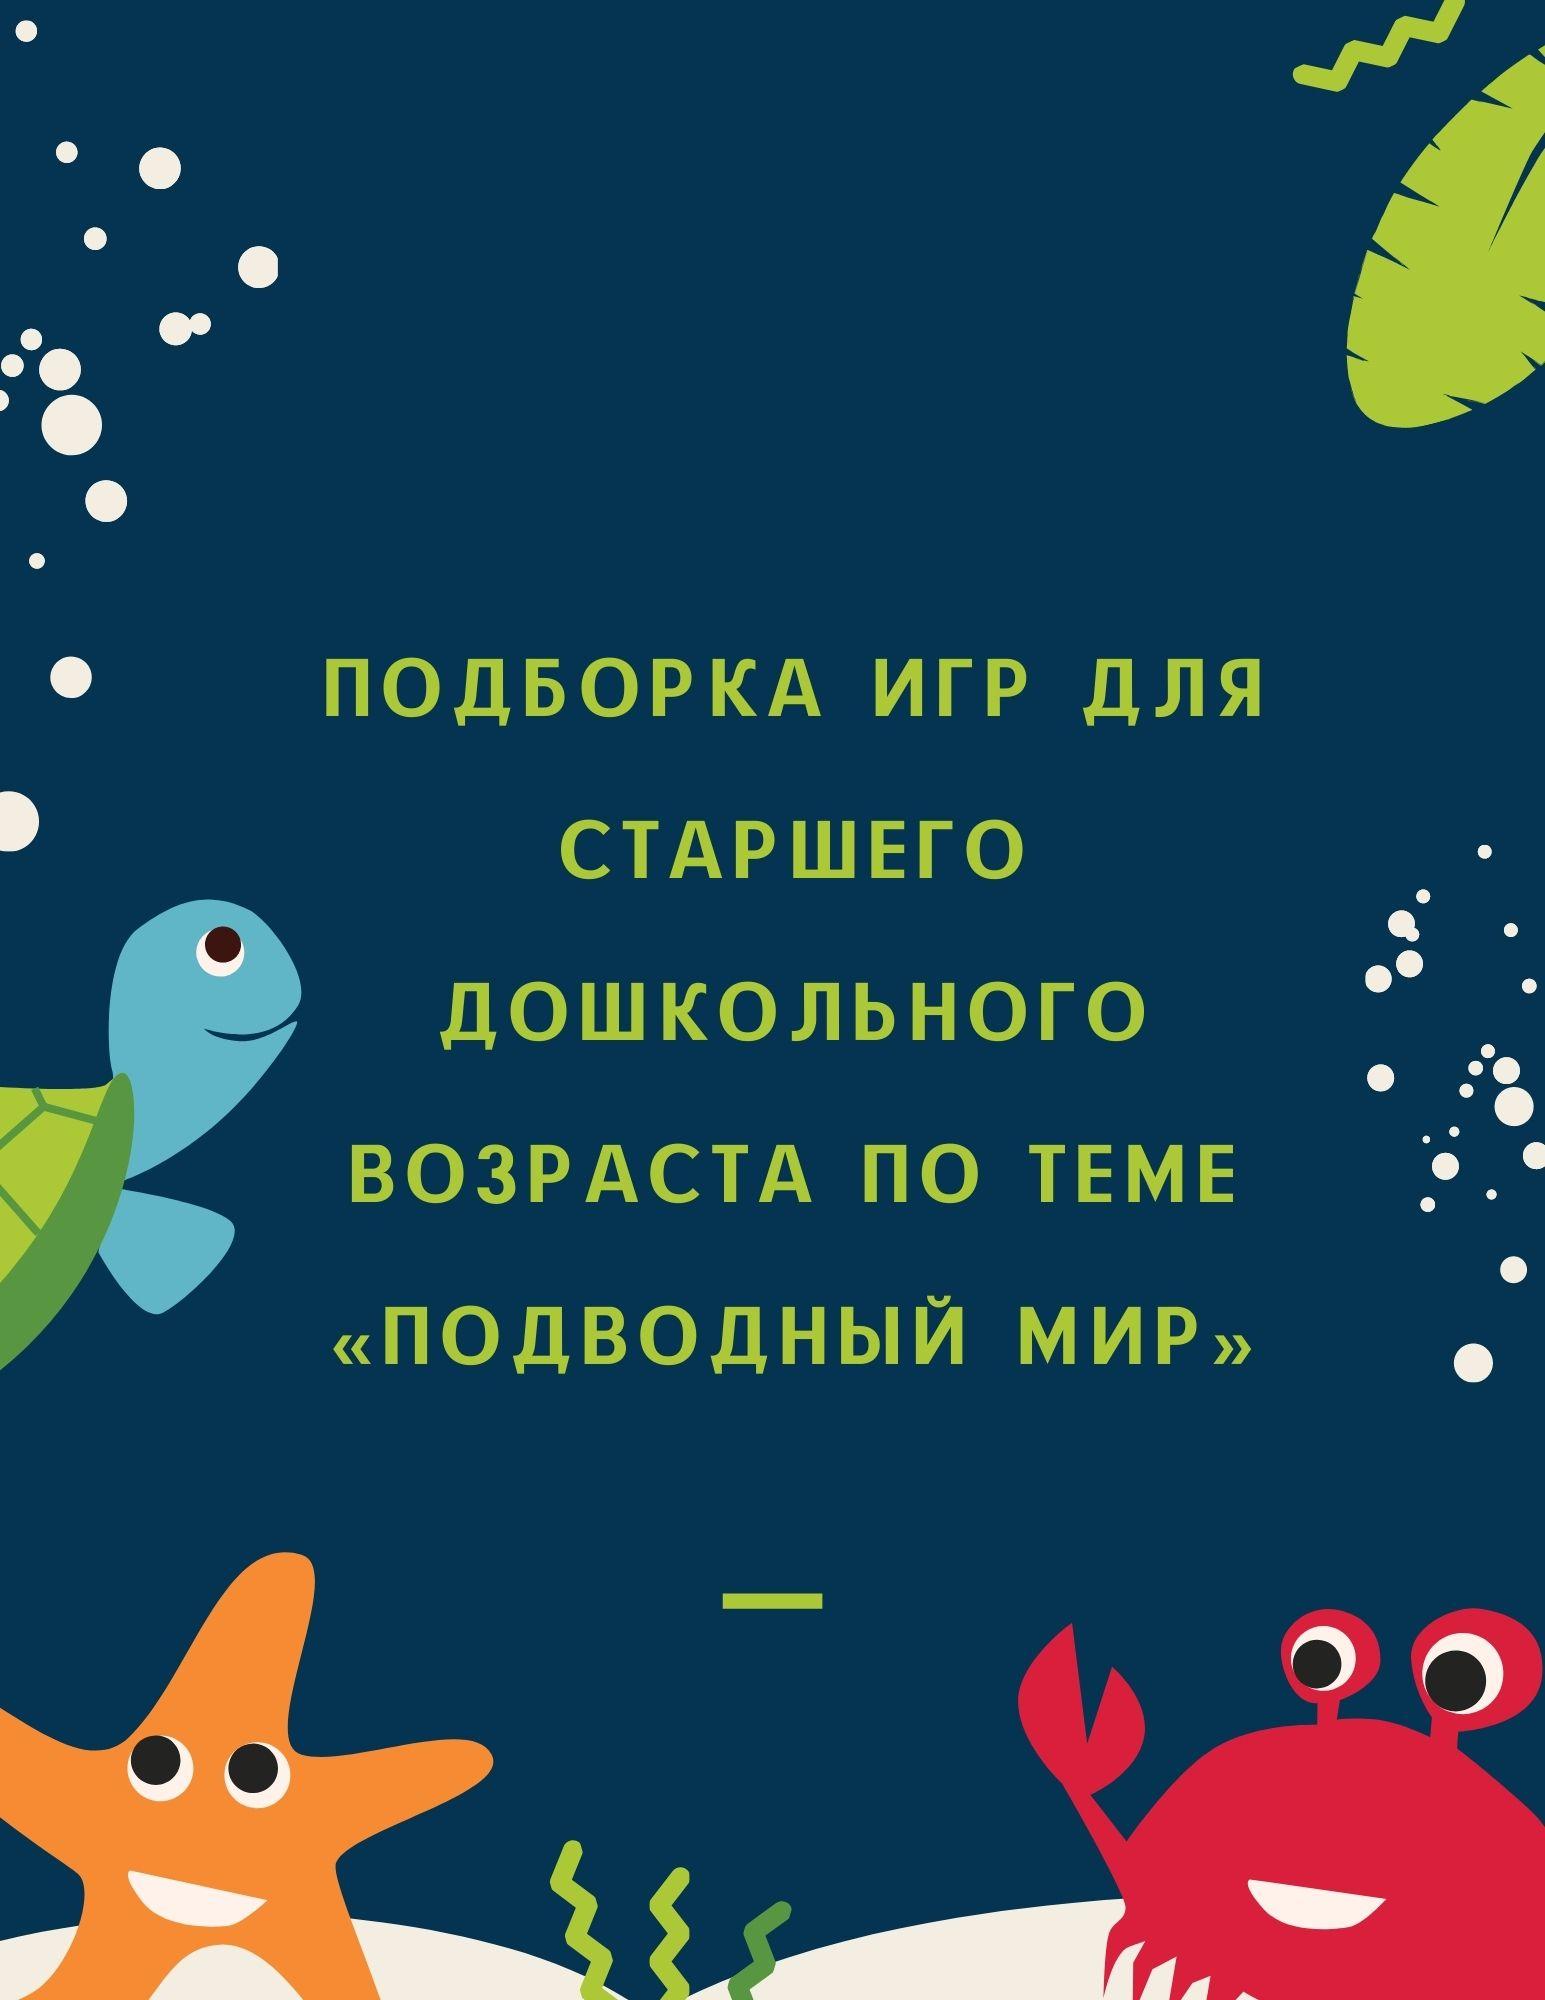 Подборка игр для старшего дошкольного возраста по теме «Подводный мир»